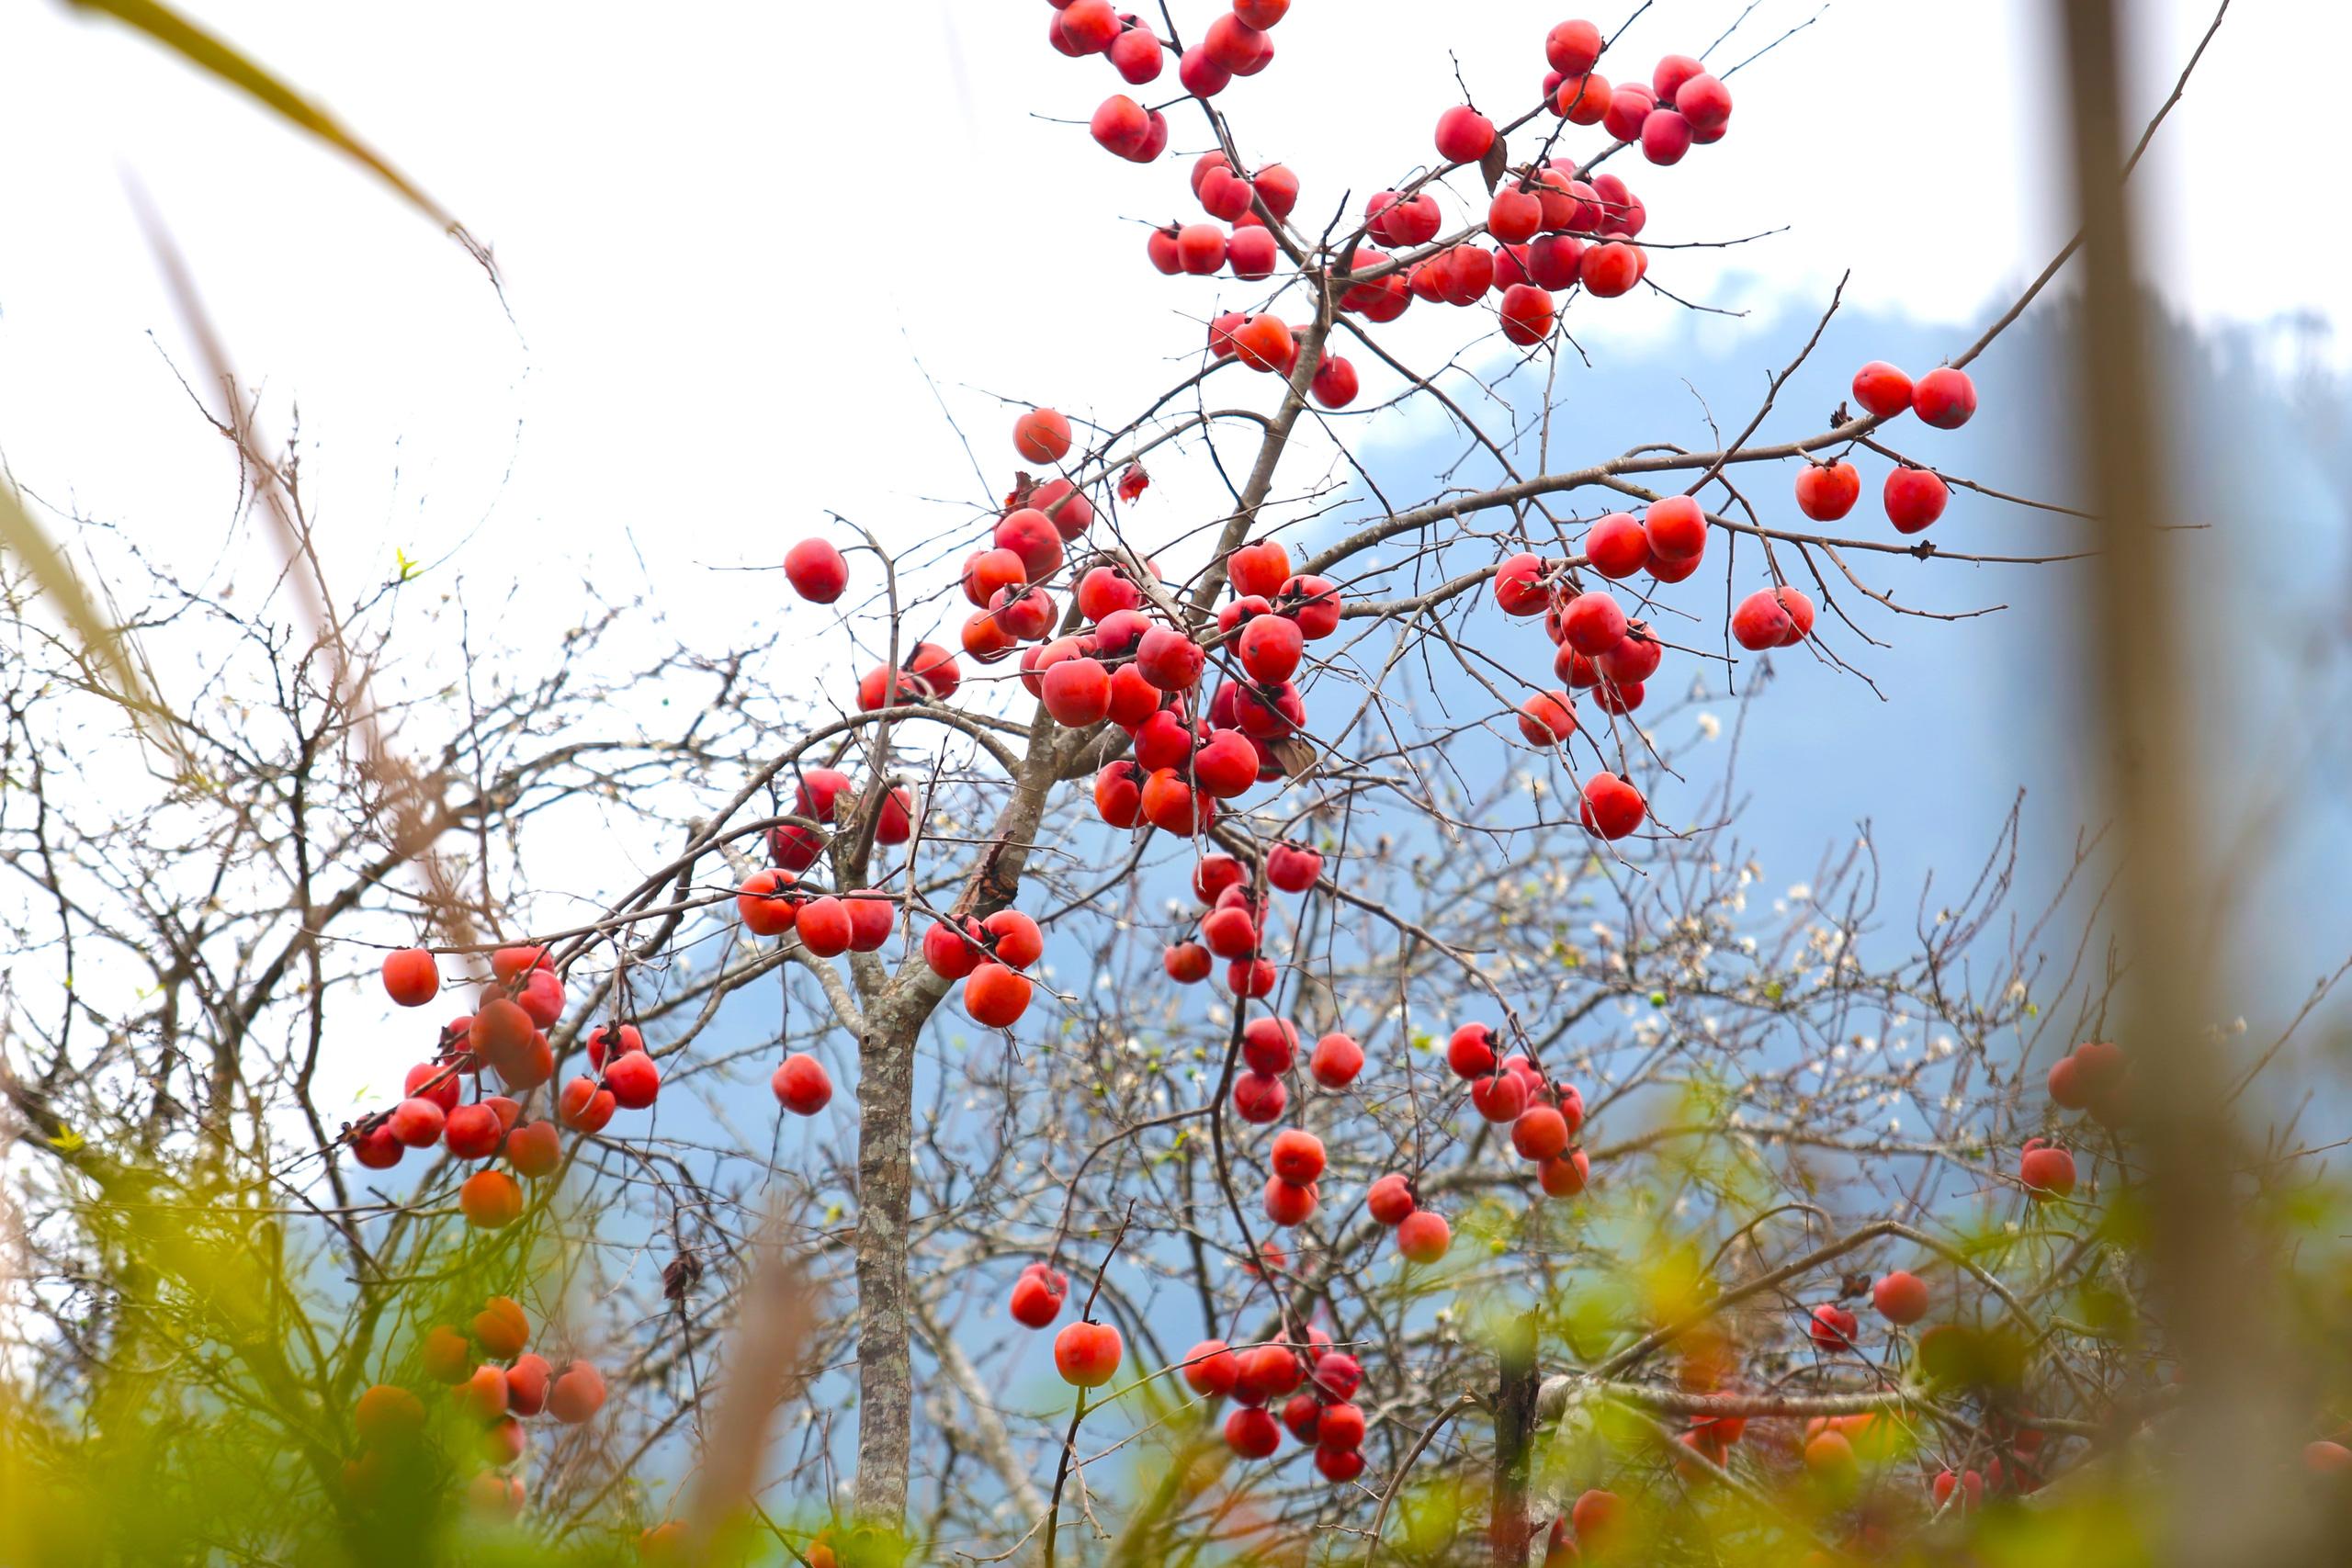 Nghệ An: Hoa đào, hoa mận nở bung tuyệt đẹp trong giá rét trước khi Tết về - Ảnh 6.